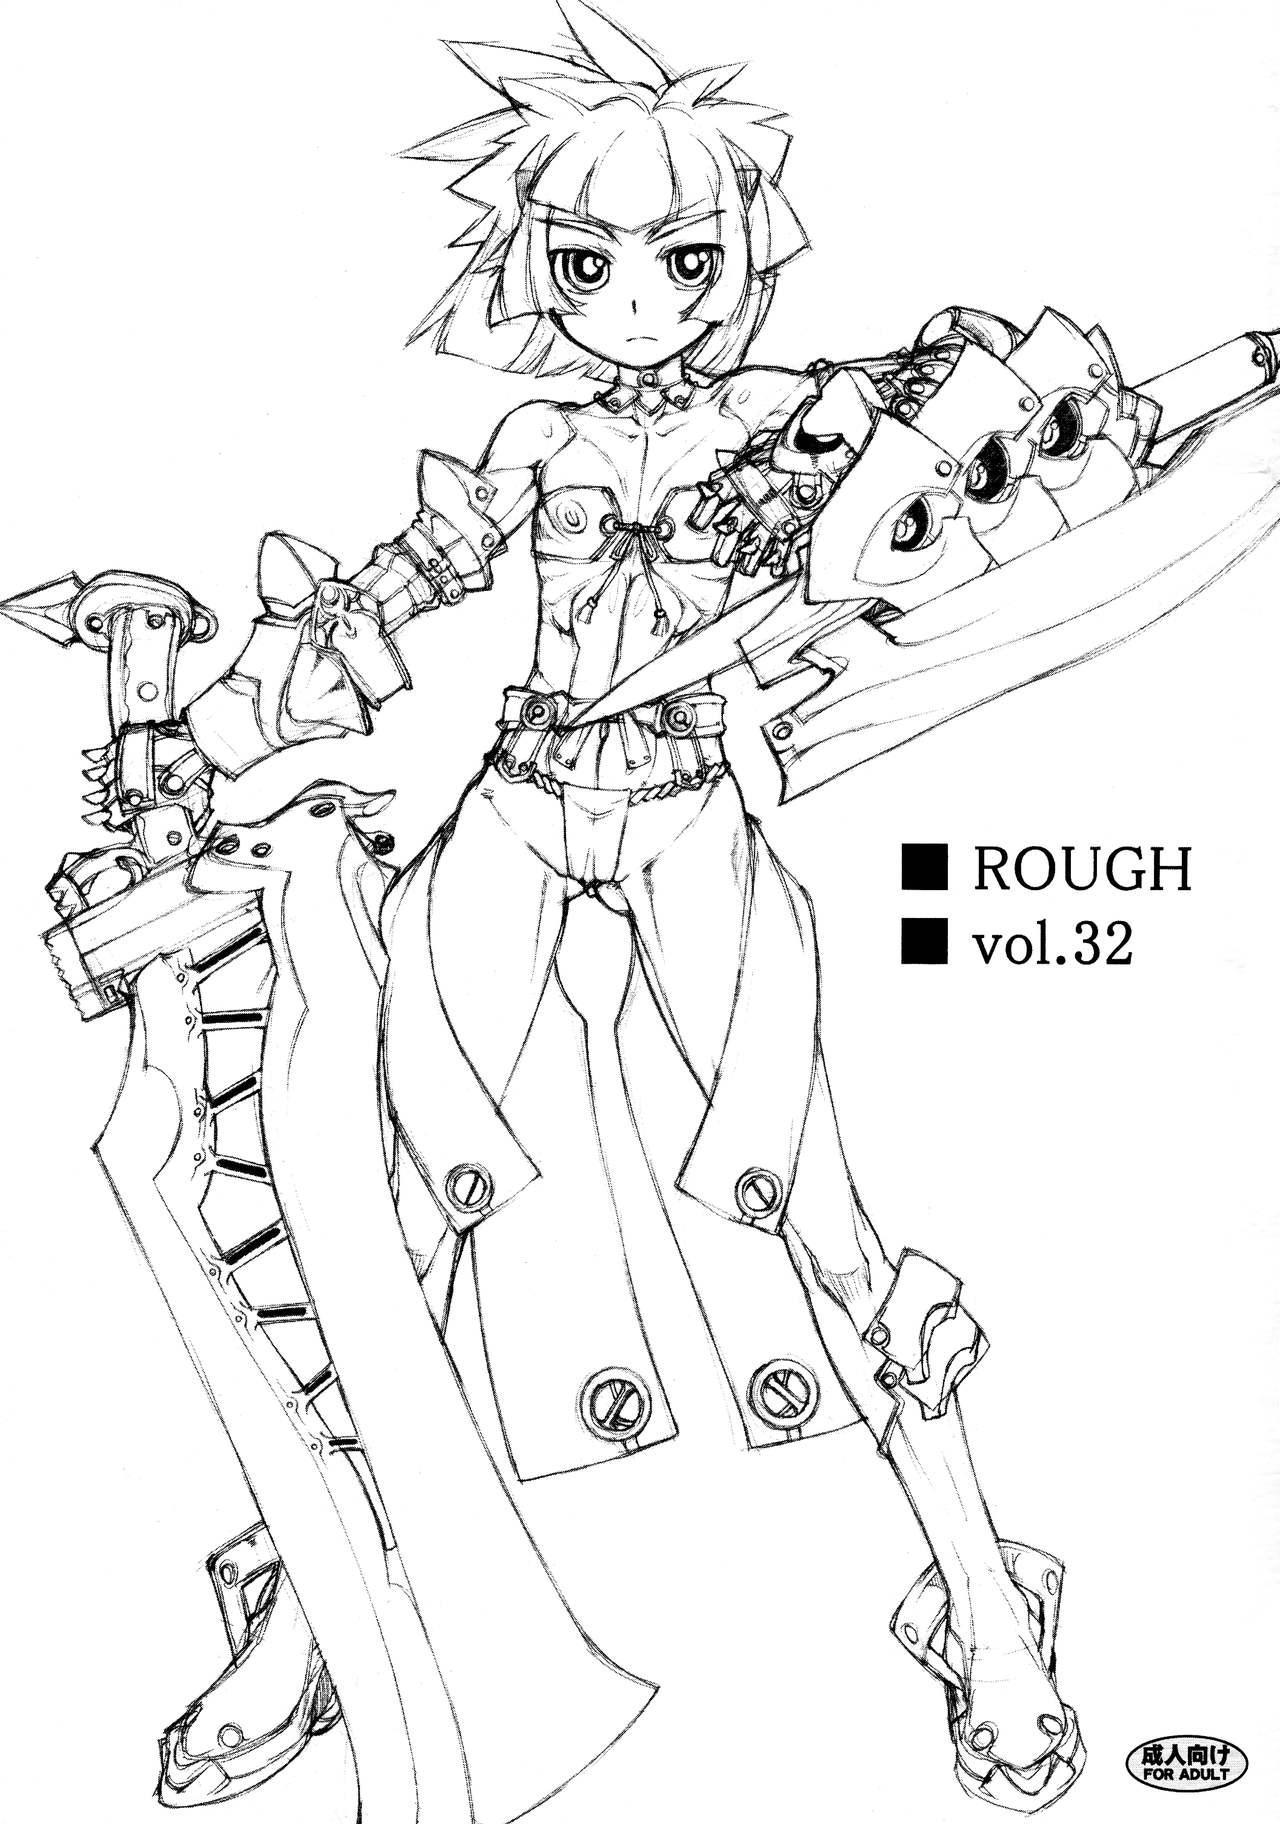 ROUGH vol.32 0